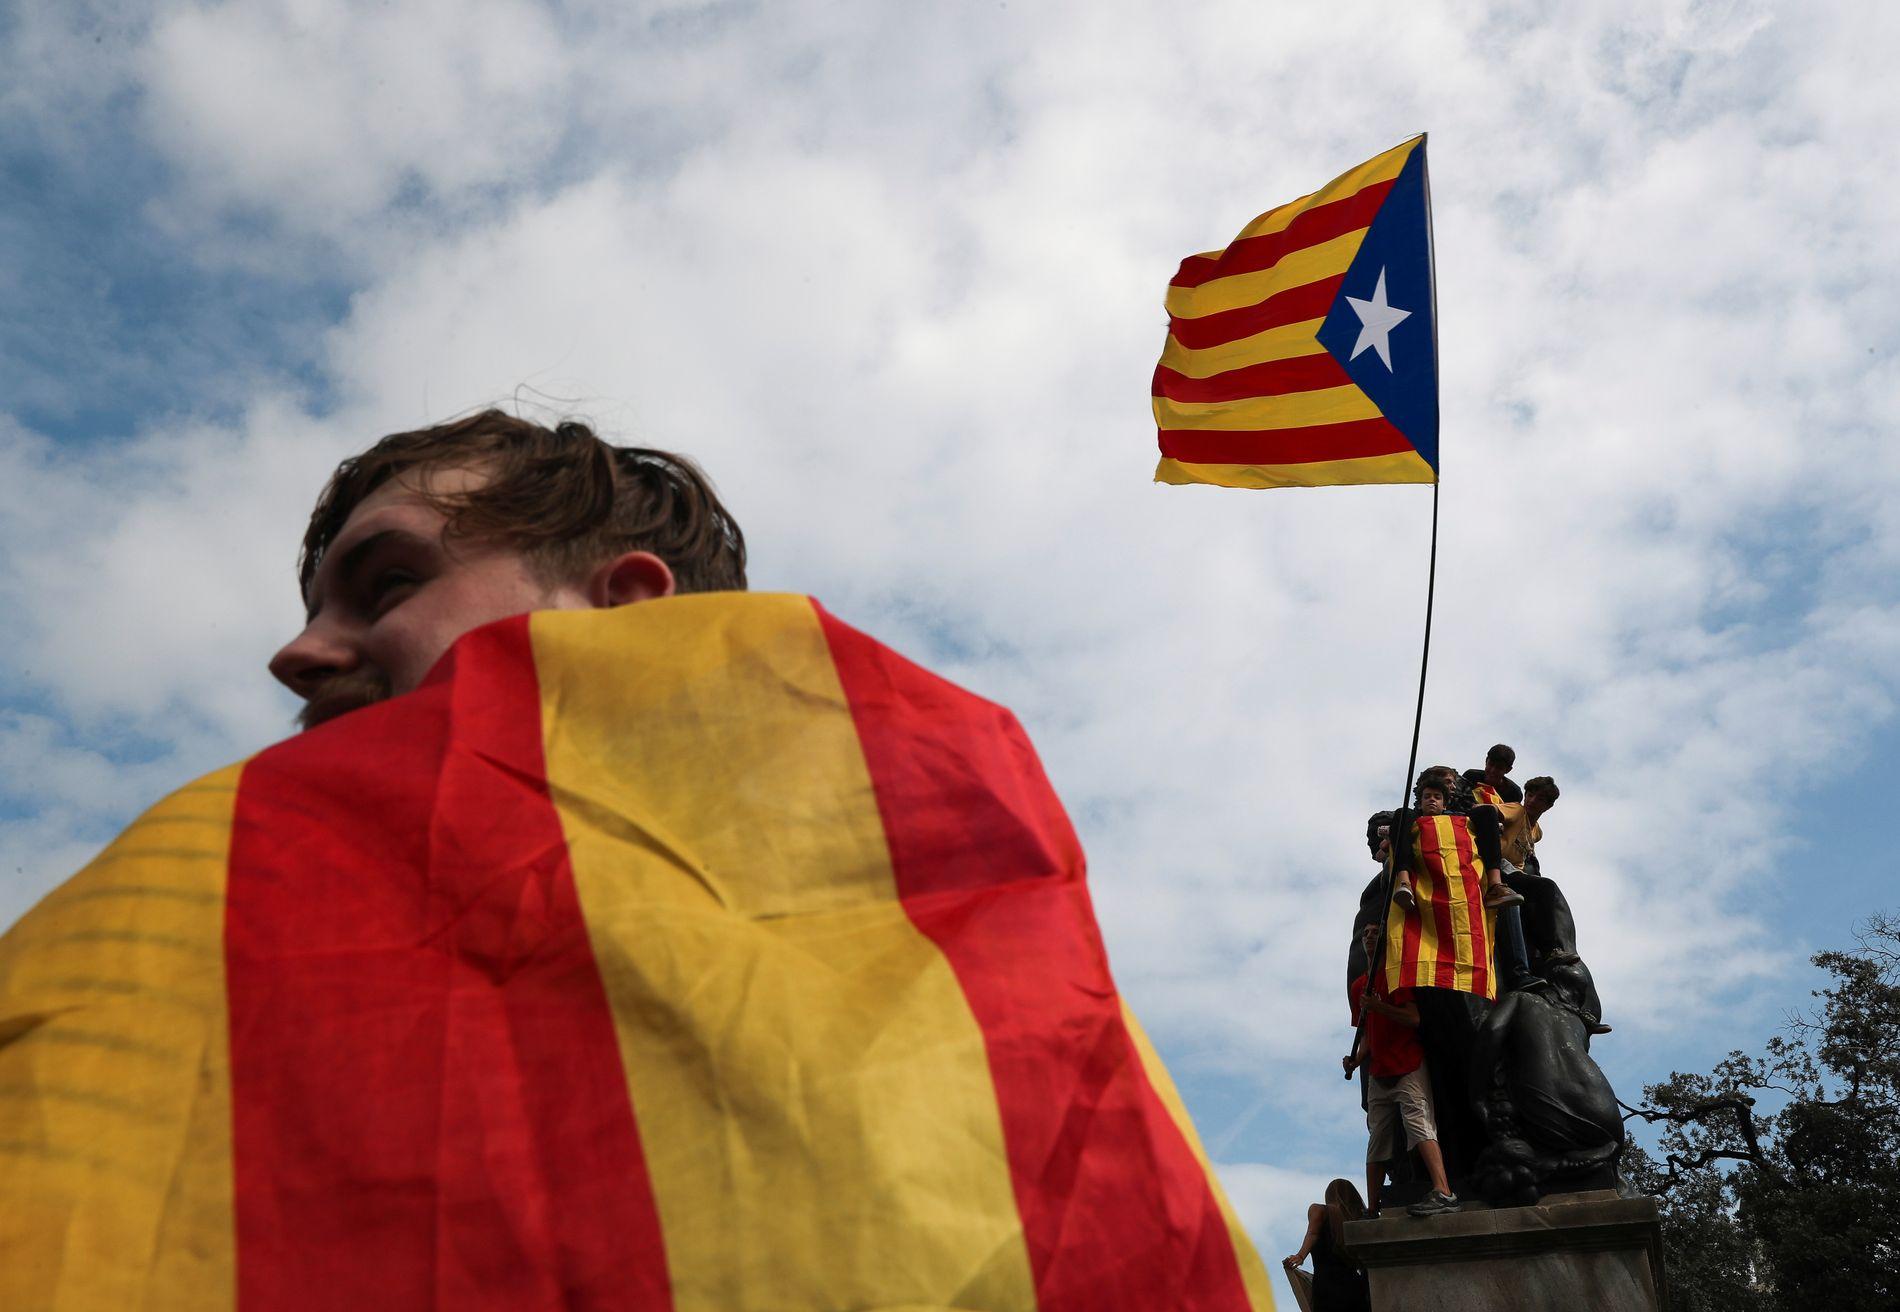 HVA NÅ? Separatistflagget vaier i vinden i regionshovestaden Barcelona etter seieren i uavhengighetsvalget, men få kan svare på hva som nå skal skje. FOTO: REUTERS